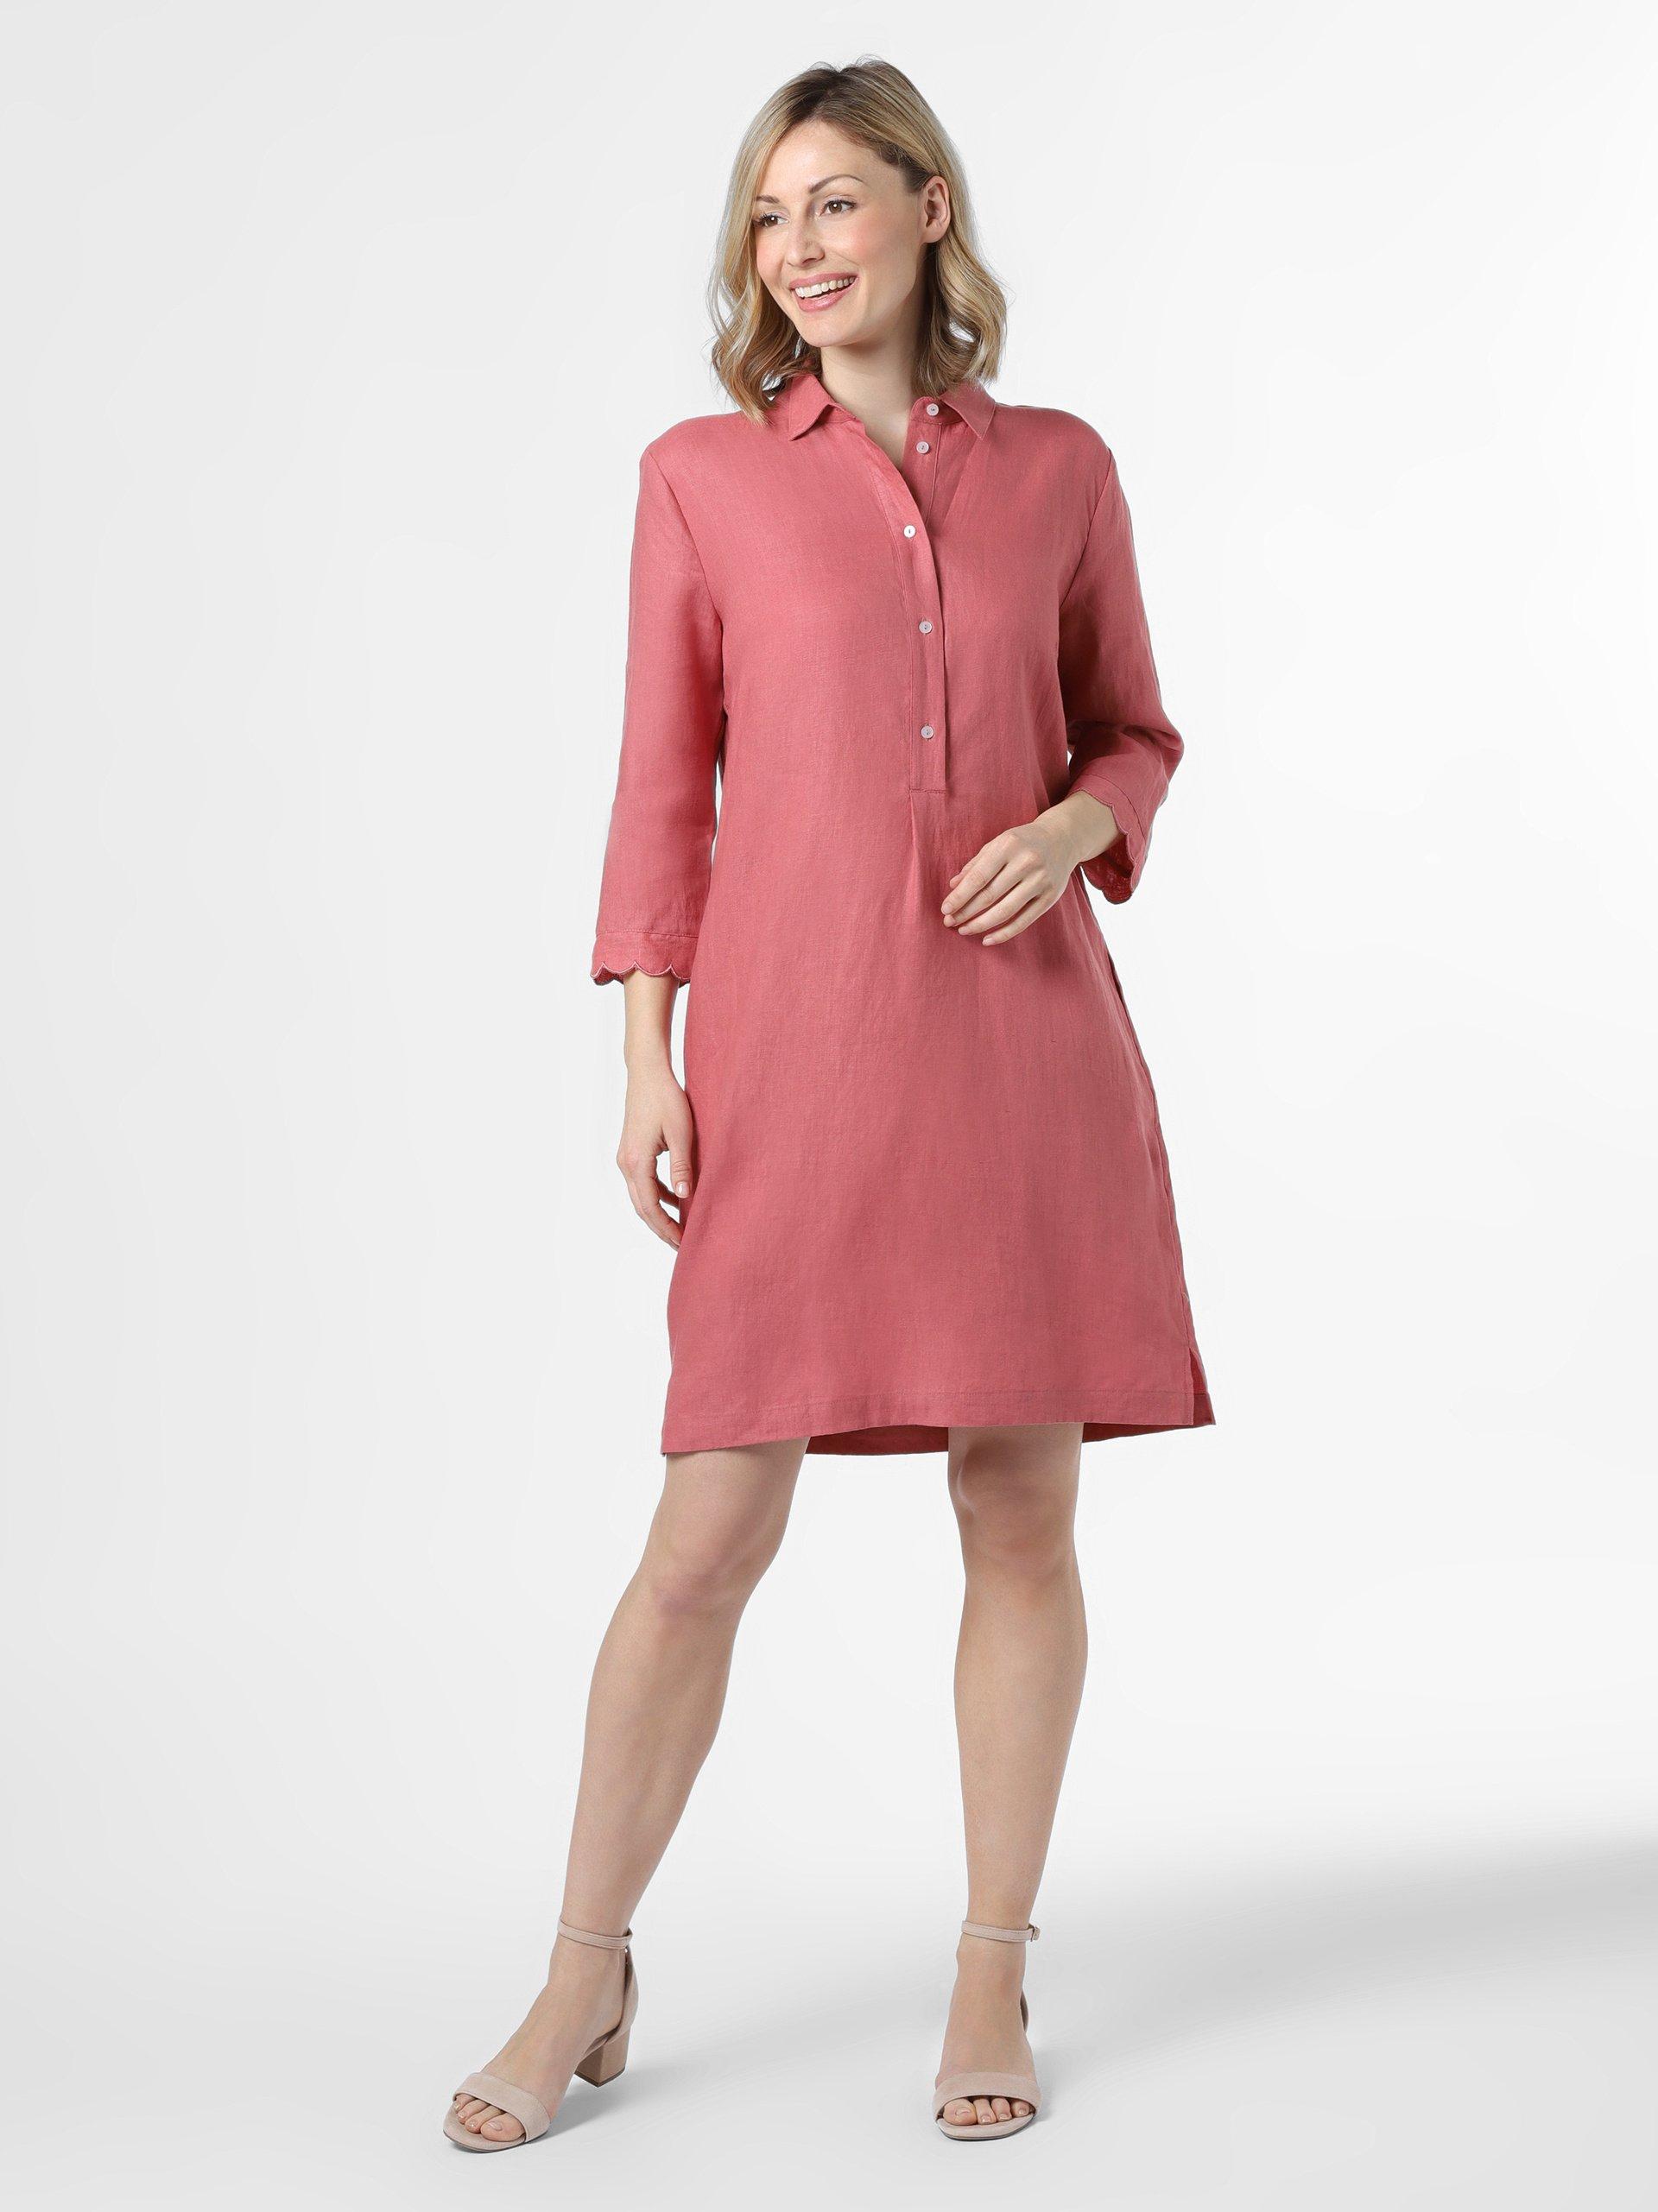 Linen sleeve dress